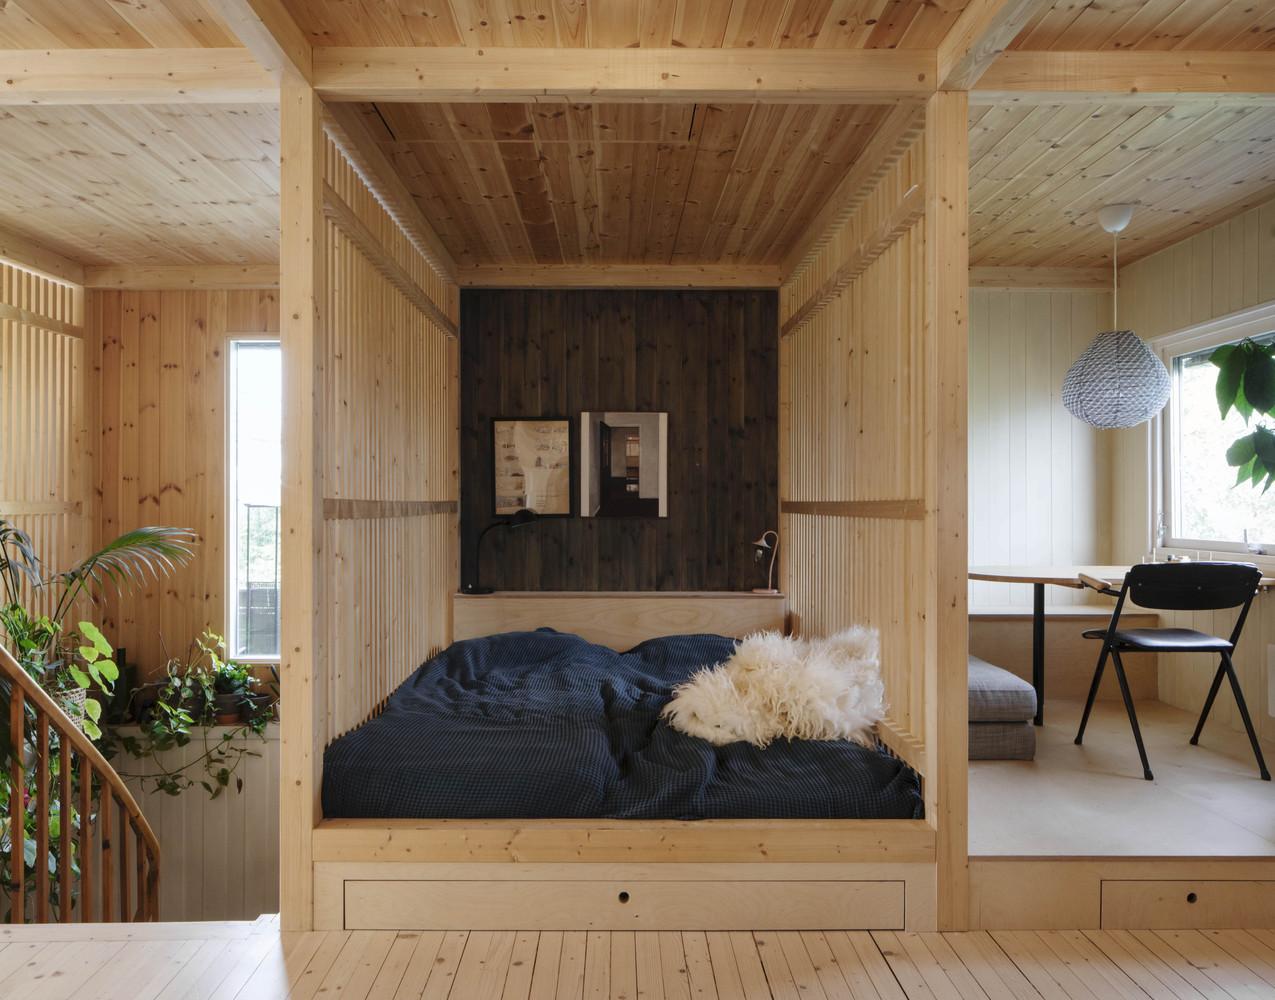 hình ảnh cận cảnh phòng ngủ trong khối gỗ ép, cạnh đó là khu vực bàn làm việc thoáng sáng